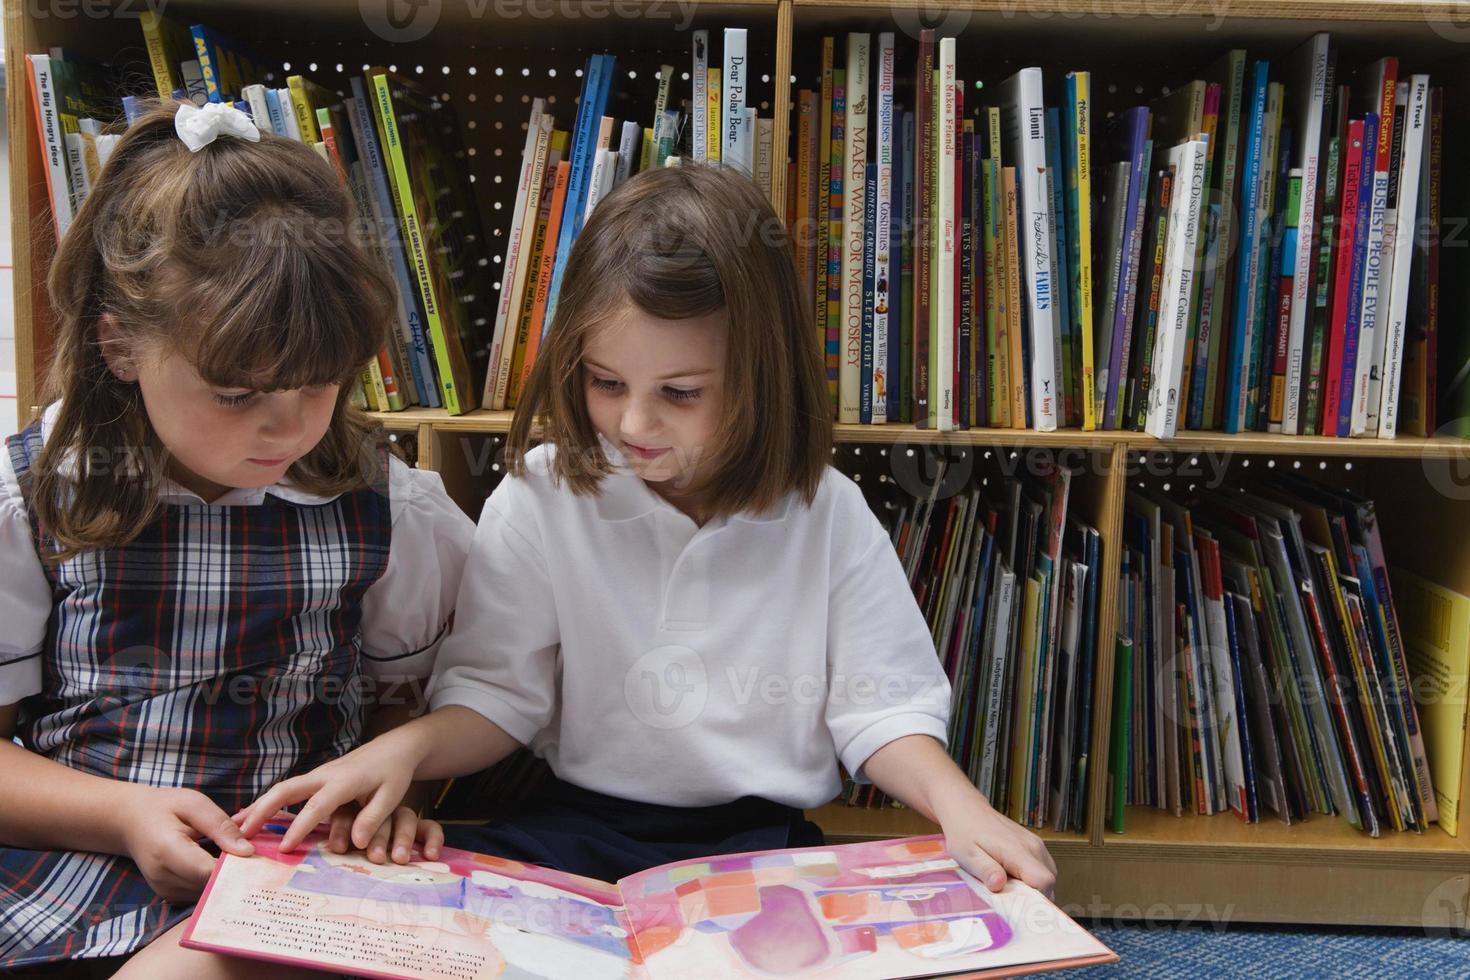 twee kinderen lezen samen op de vloer in een bibliotheek foto